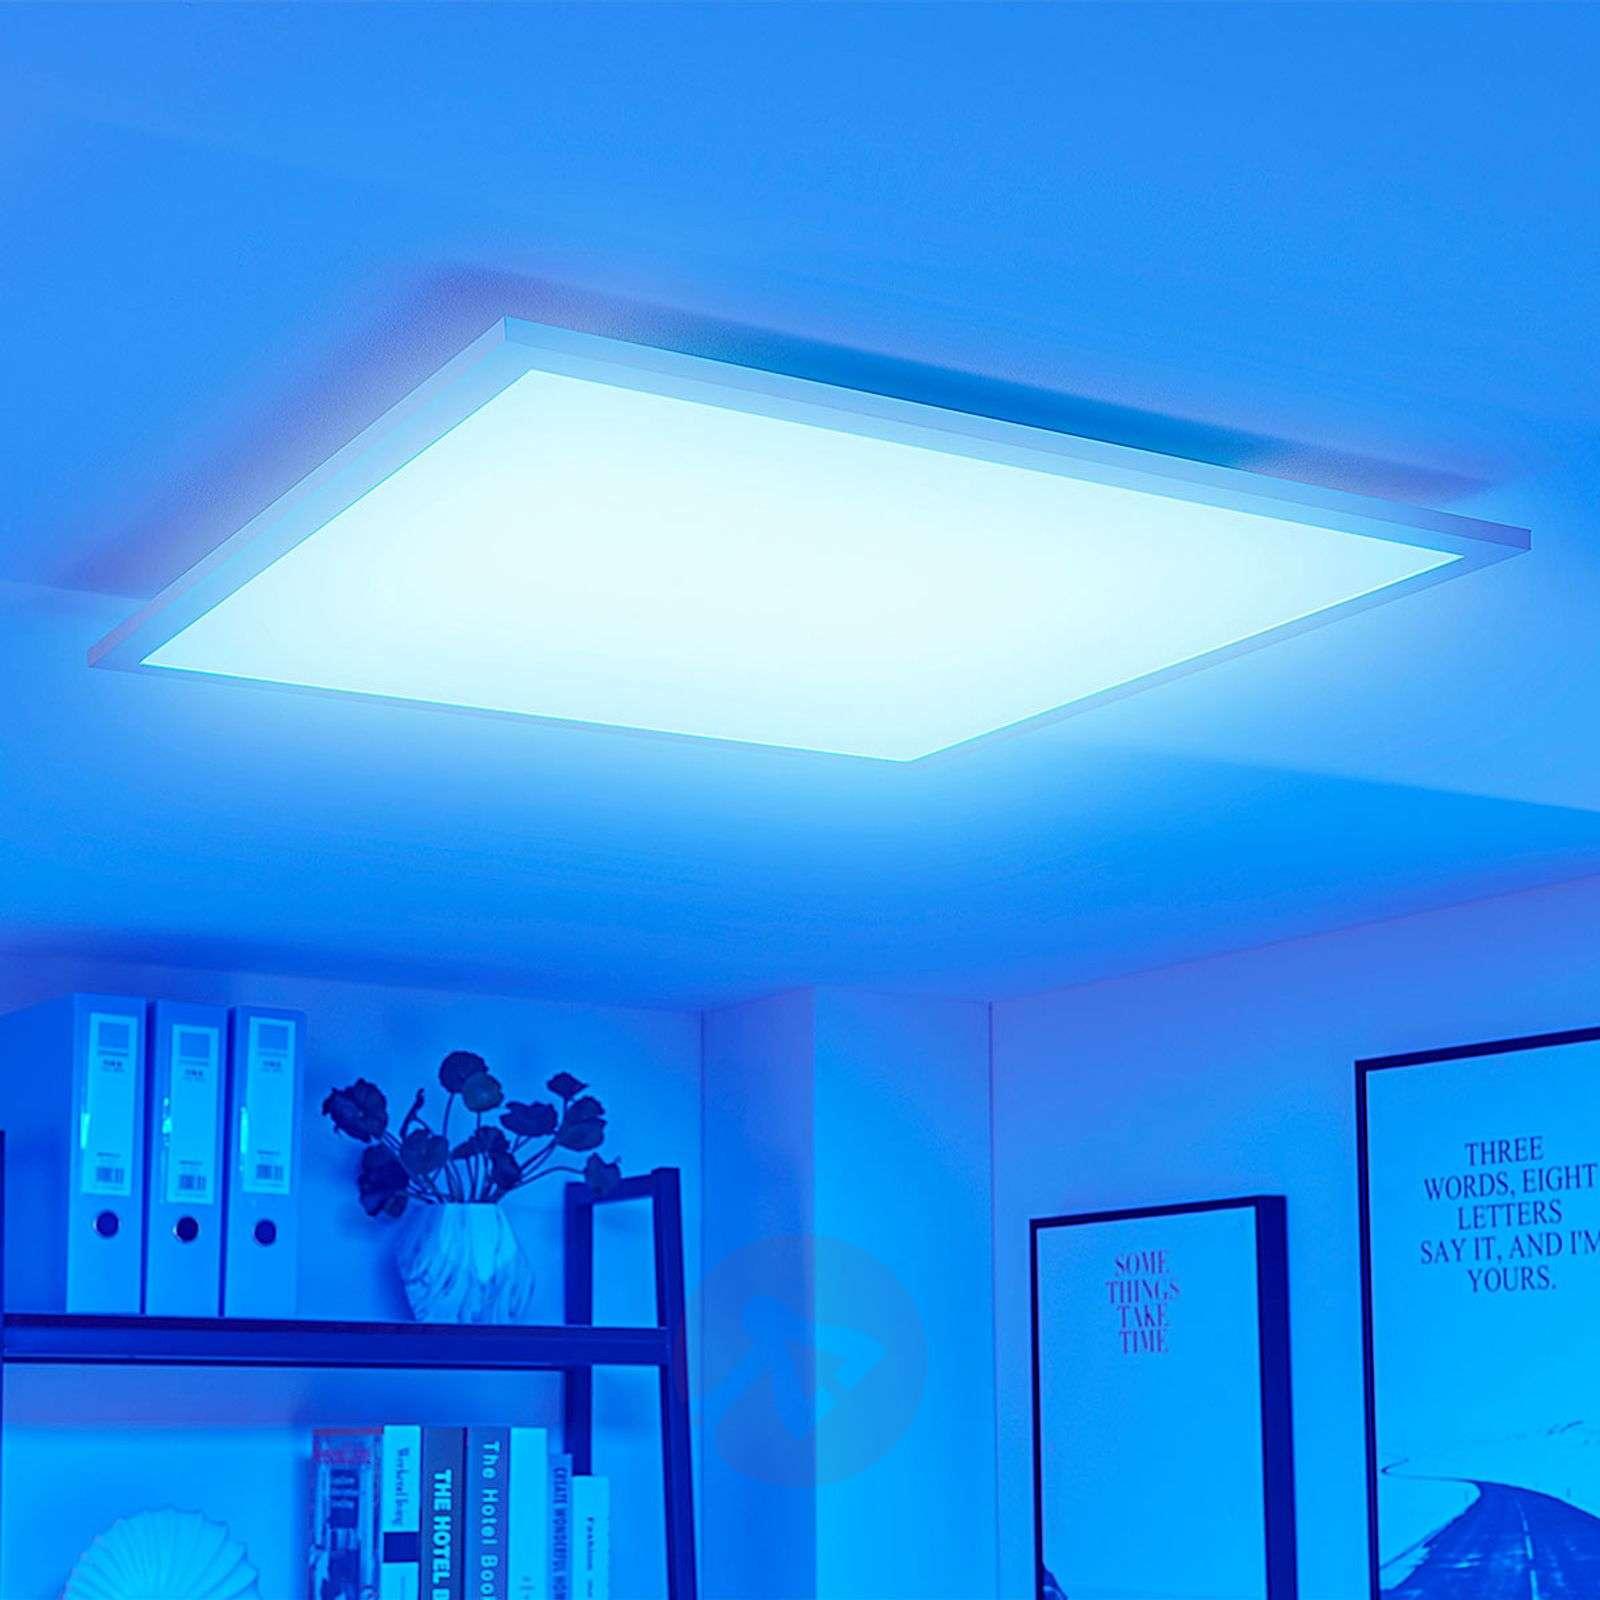 Tinus-LED-paneeli värinvaihdolla RGB ja läm. valk.-9621653-04